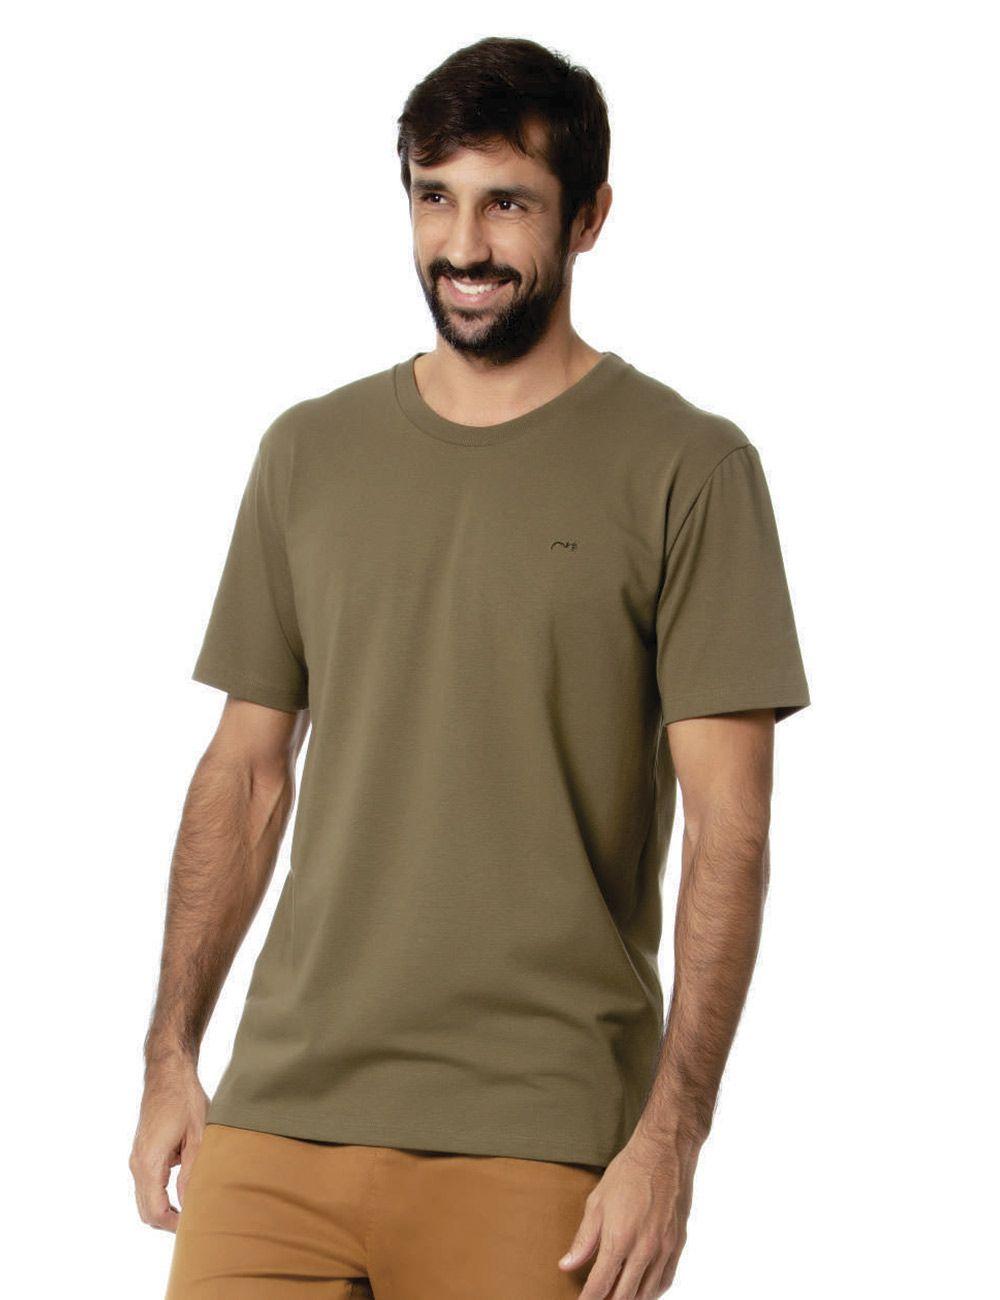 T-shirt unissex cotton comfort c/ elastano Gatos e Atos